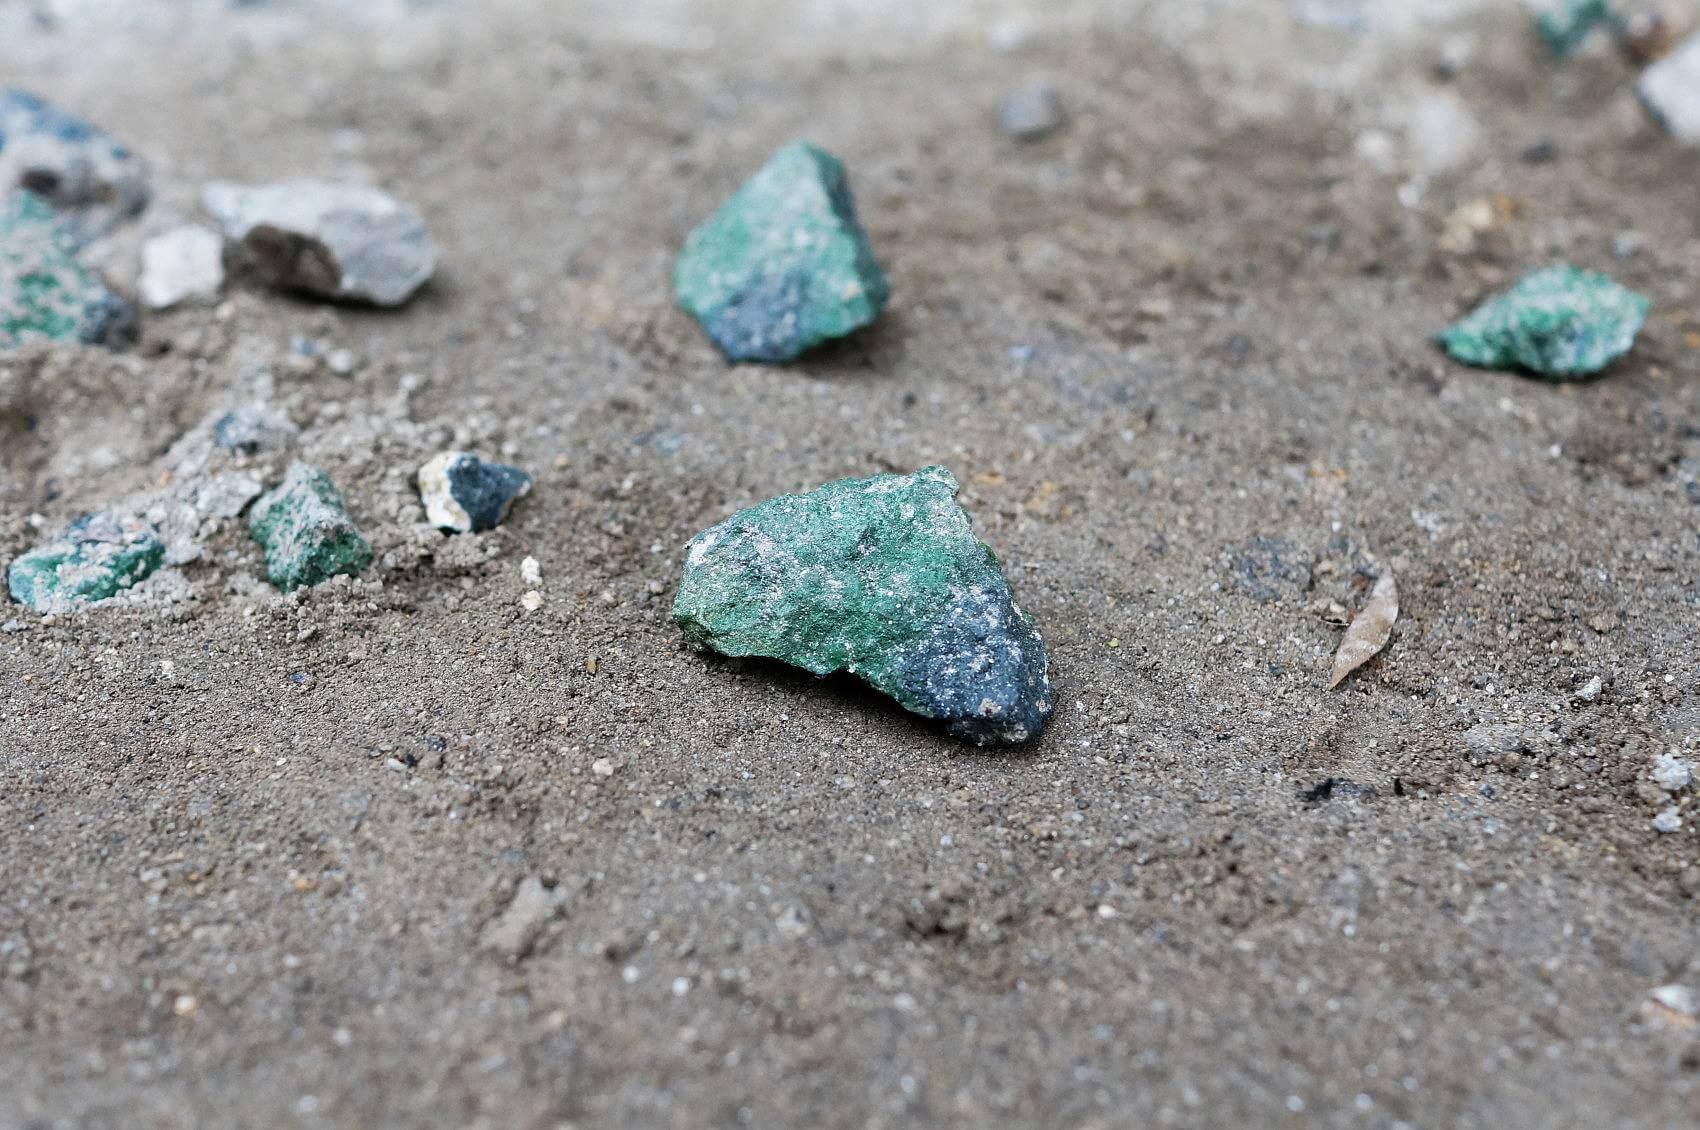 J'ai trouvé des émeraudes Vleus (I found Grue emeralds), rocks, blue and green spray paint, 2015